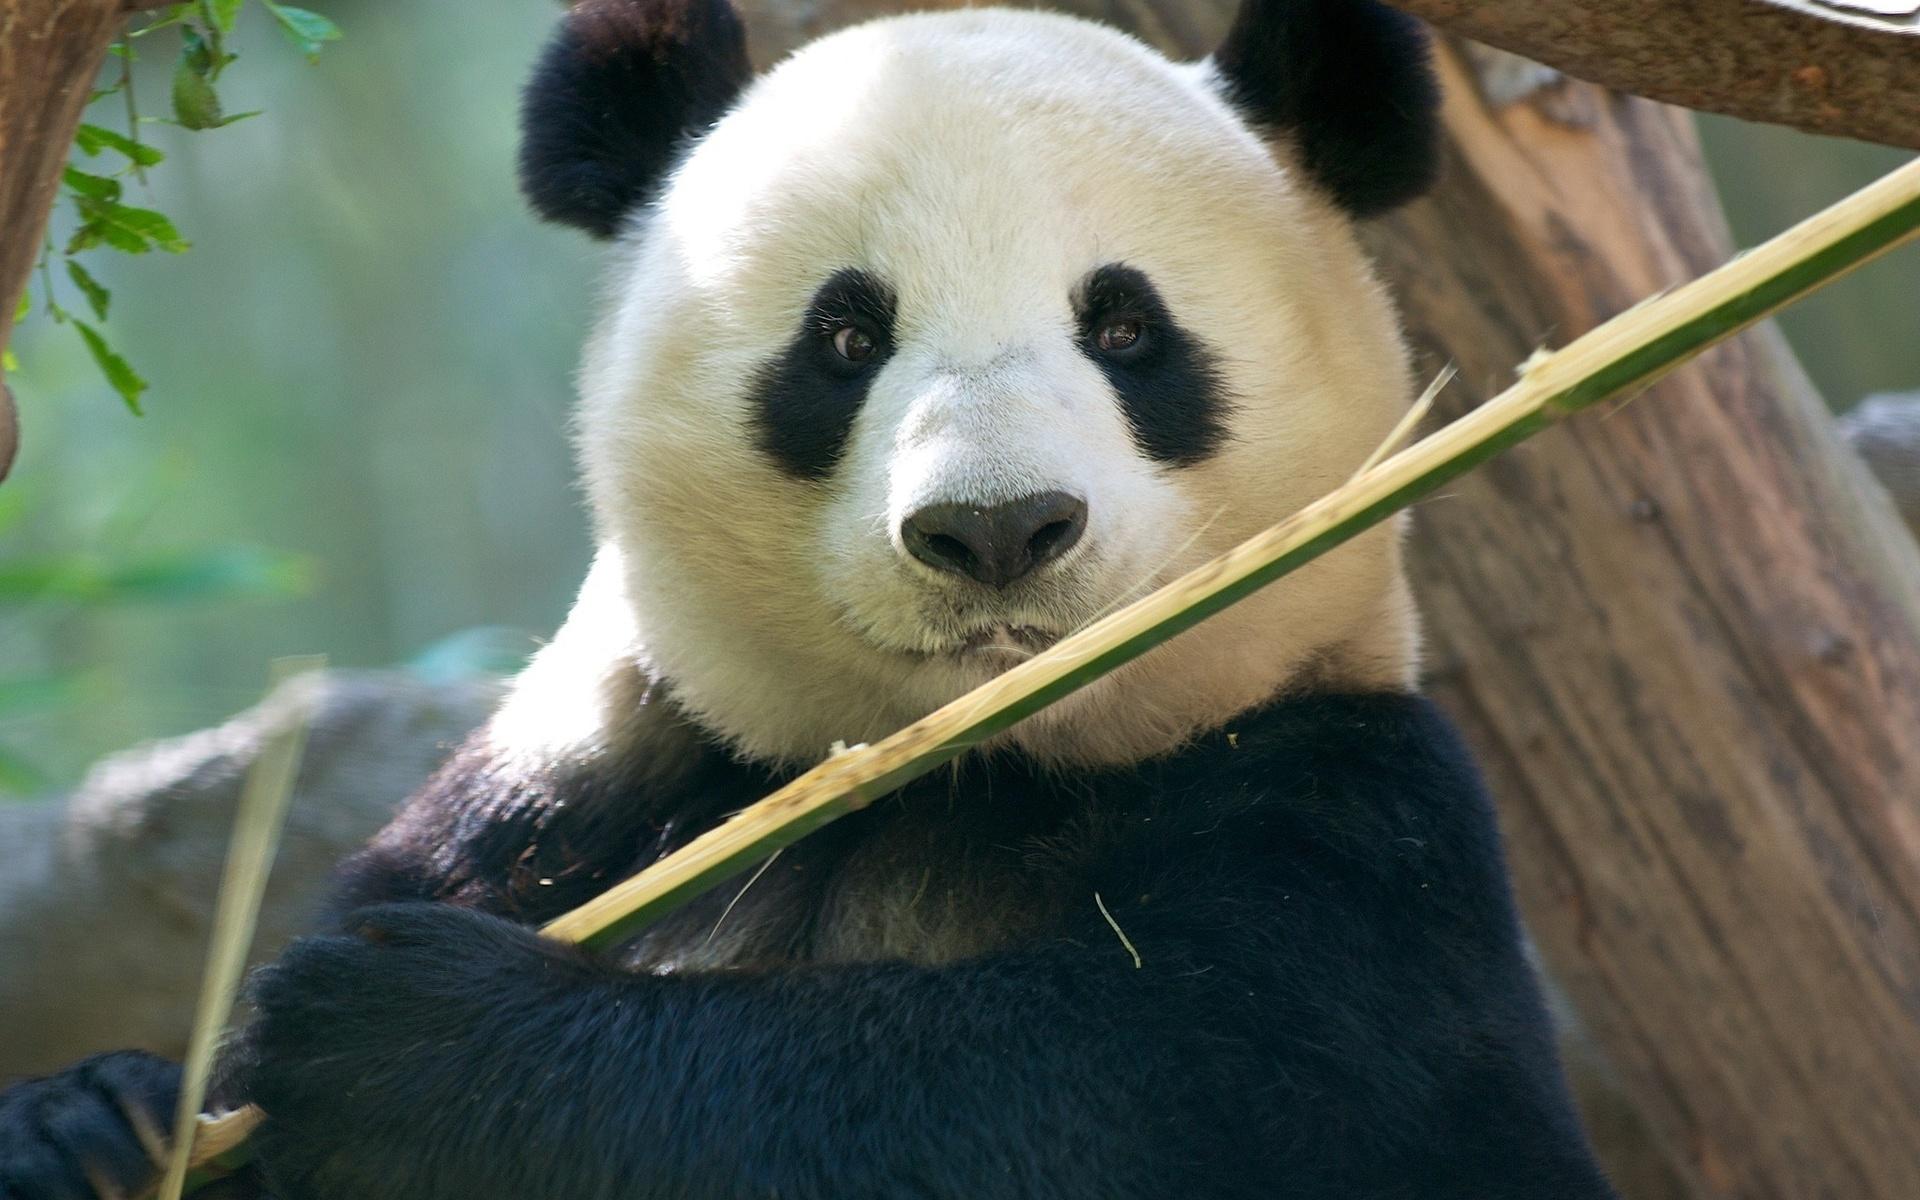 Смешные животные, панда картинки на рабочий стол